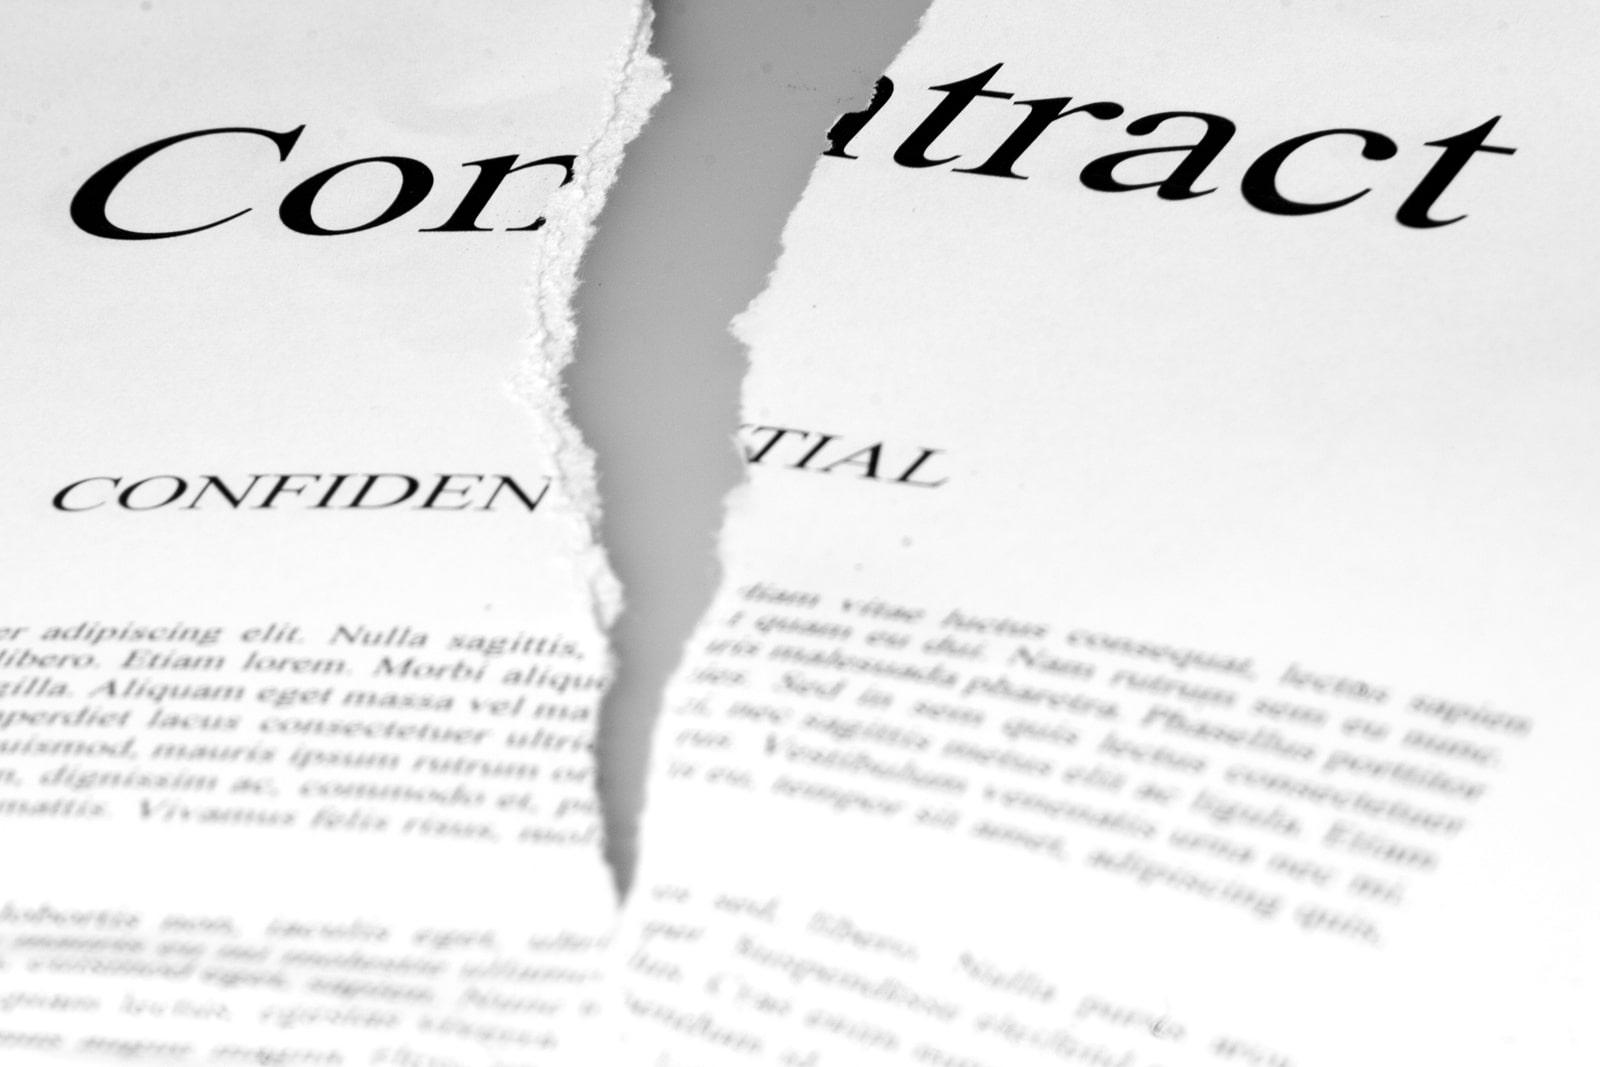 El fallecimiento del trabajador relevado causa la extinción de su contrato de trabajo, pero no determina el cese del contrato del relevista.